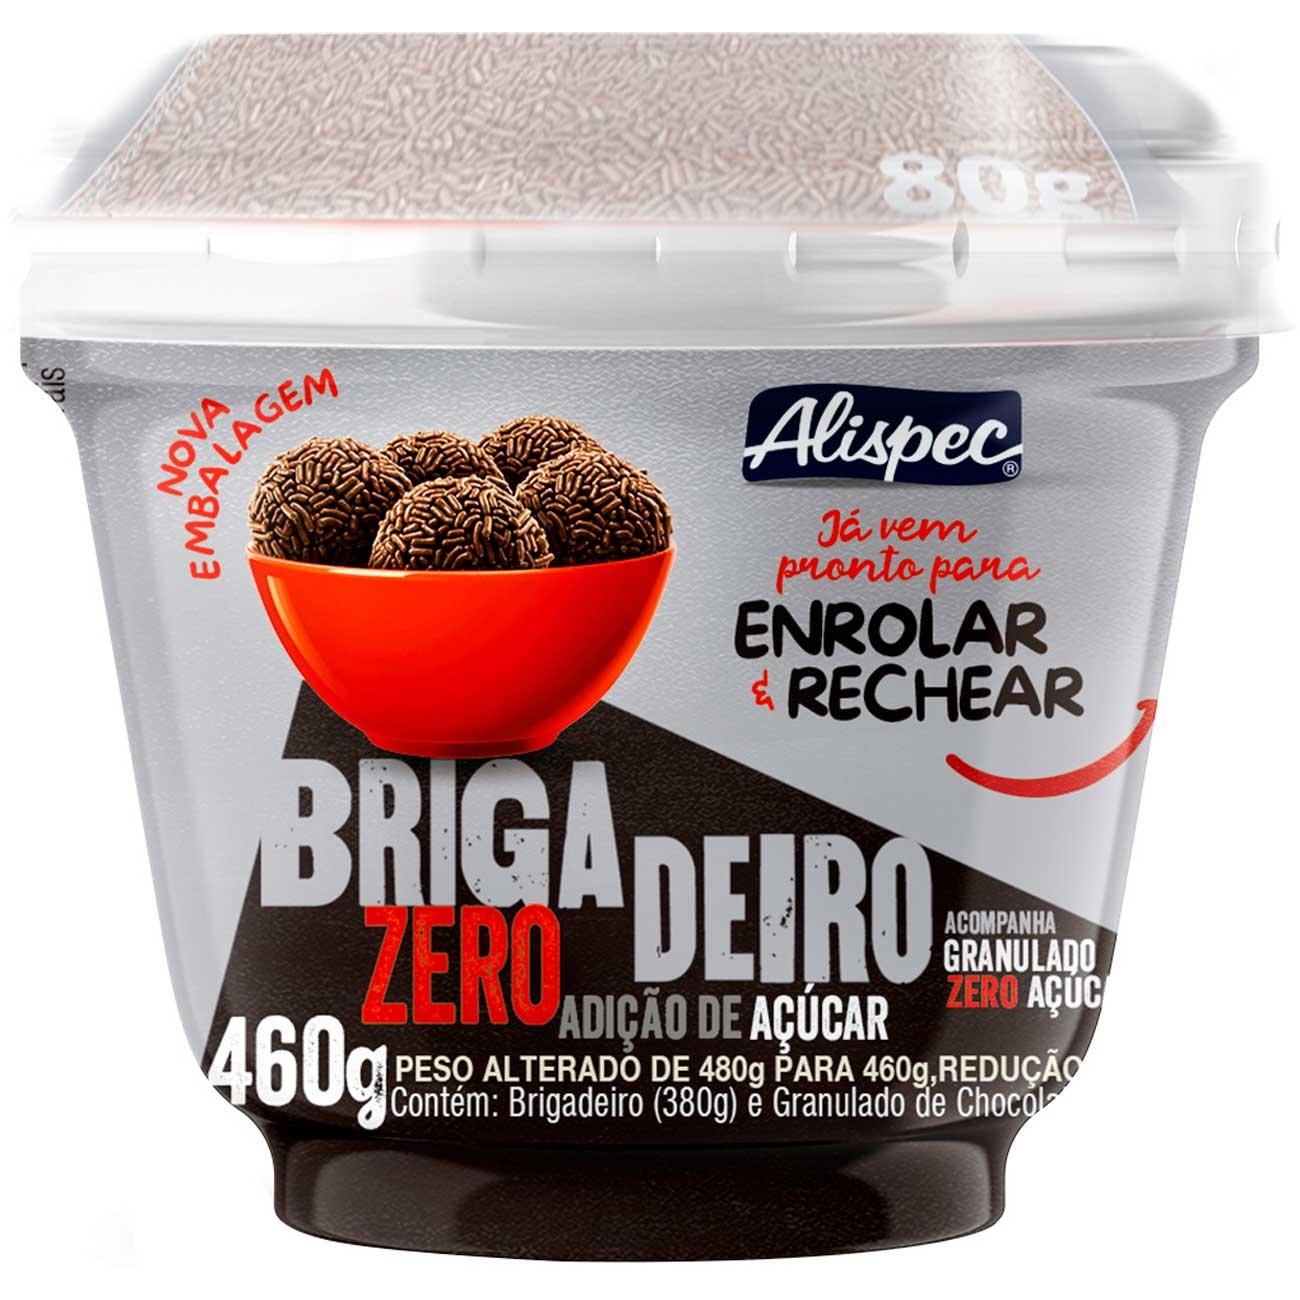 Brigadeiro Alispec Pote Zero A��car 480g